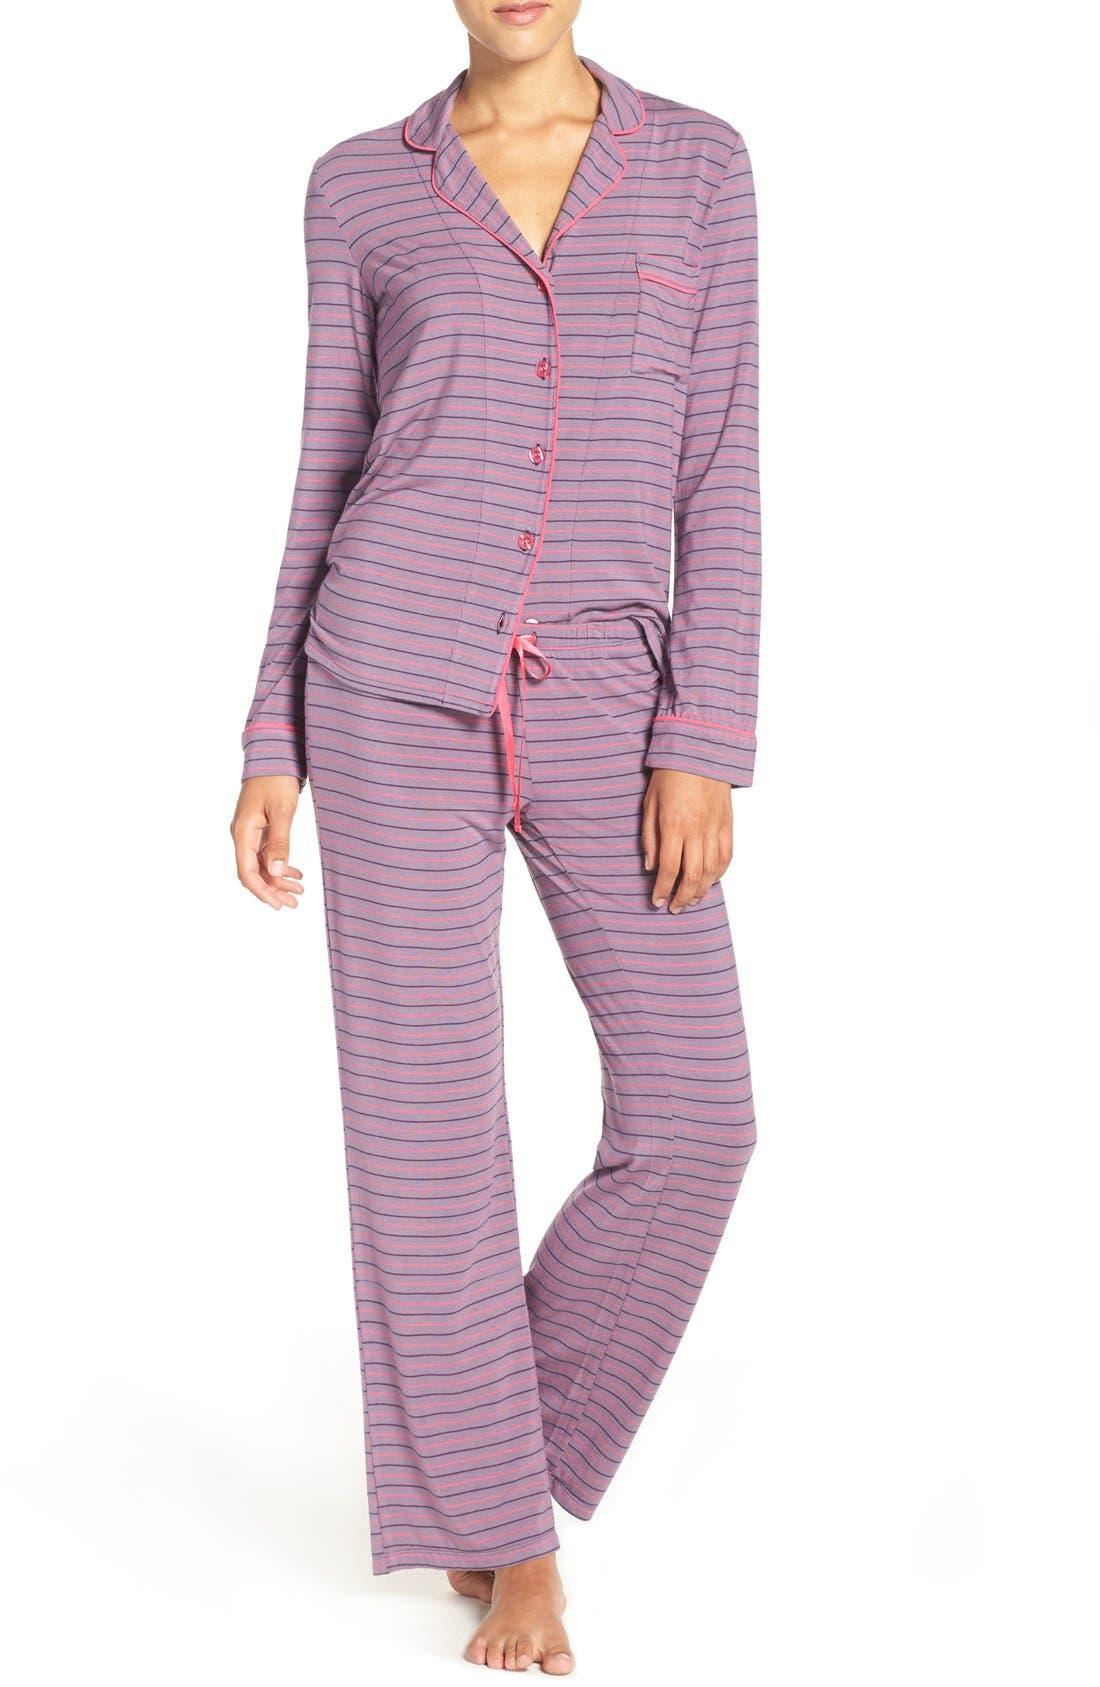 Main Image - PJ Salvage Stretch Modal Pajamas